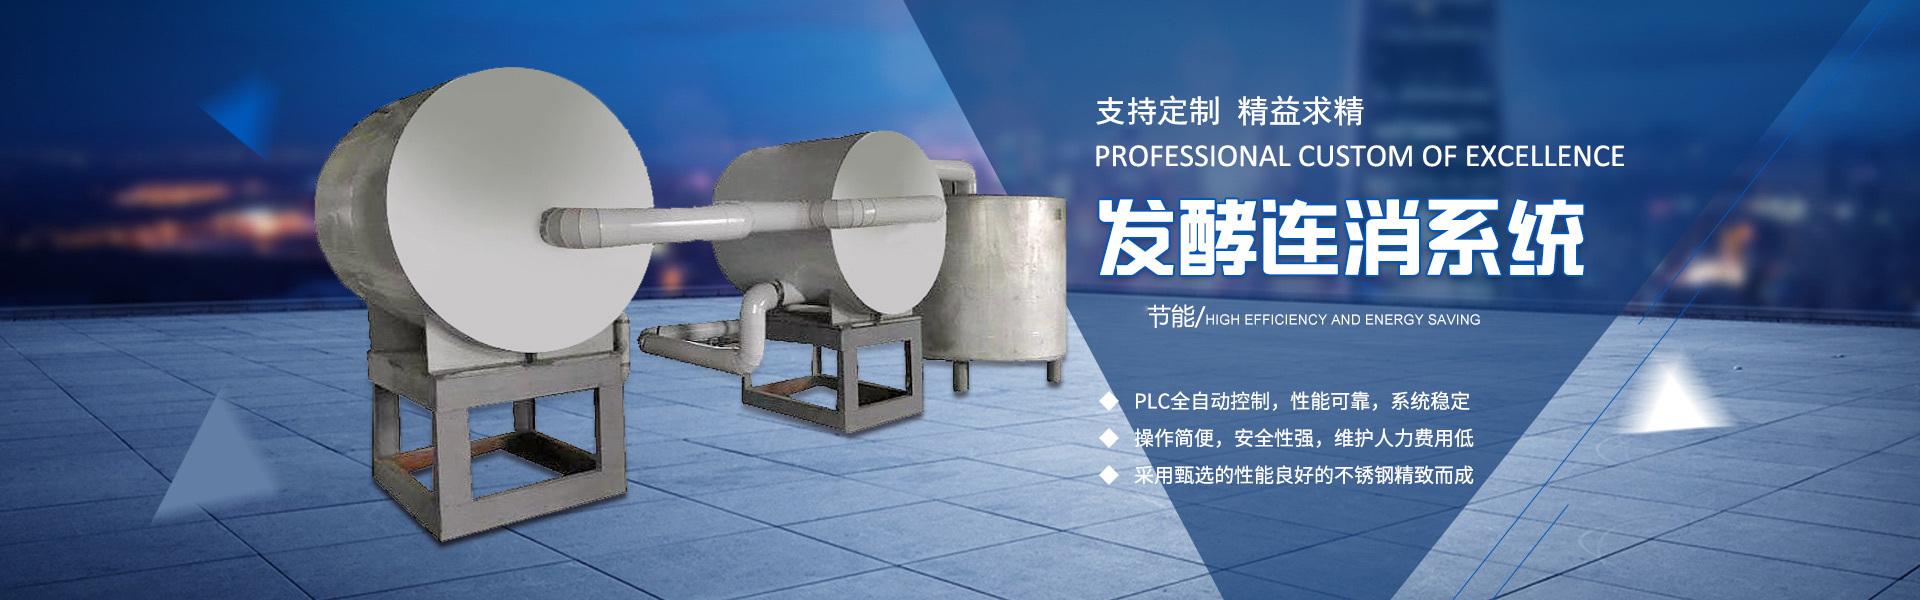 肇庆市新大力设备制造安装有限公司从事生物发酵、生化反应、食品行业、制药行业以及环境治理(废气、废水)等设备设计研发及制造。